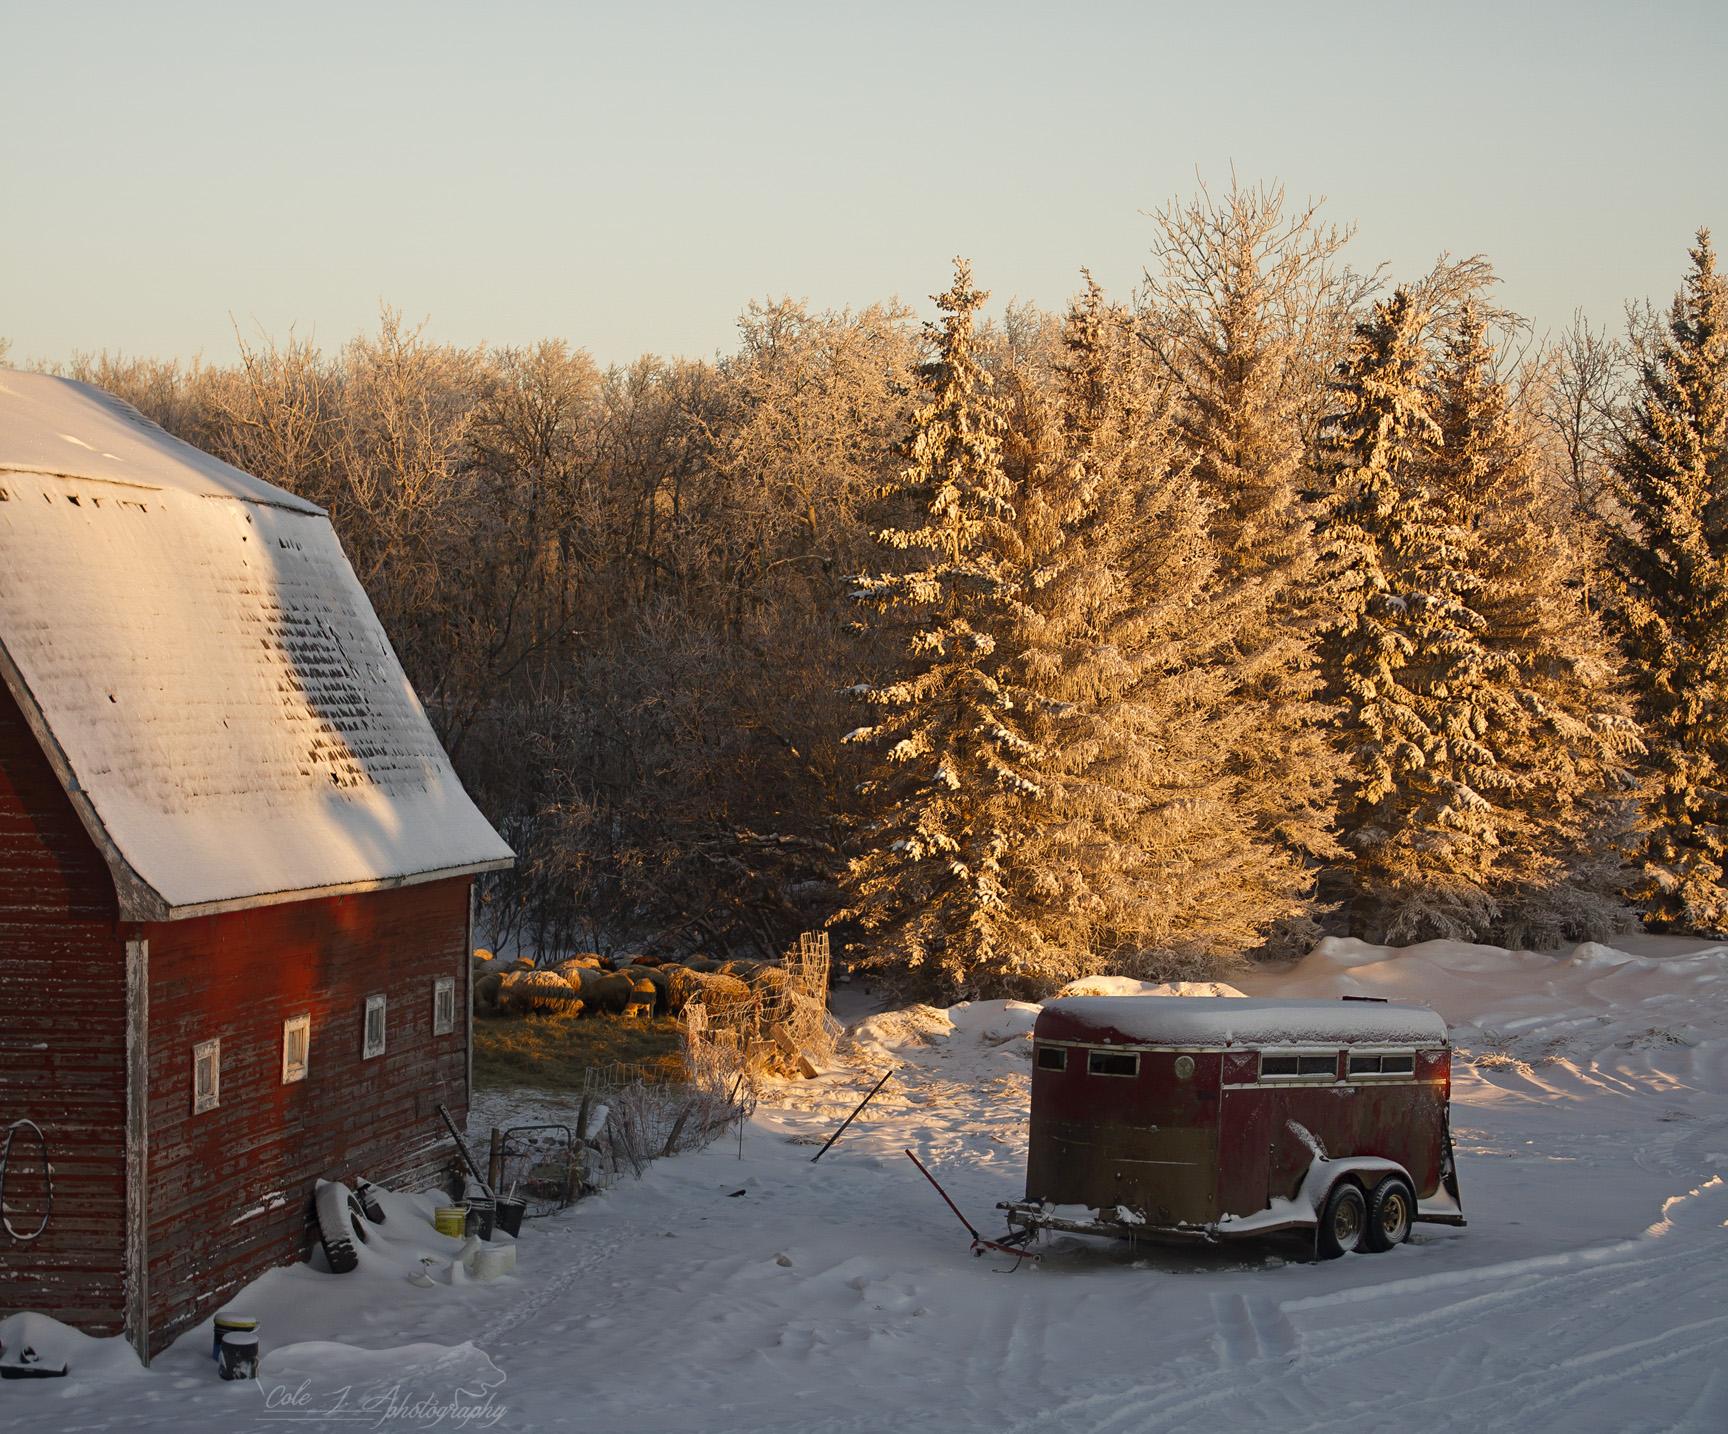 December Morning by ColeJA